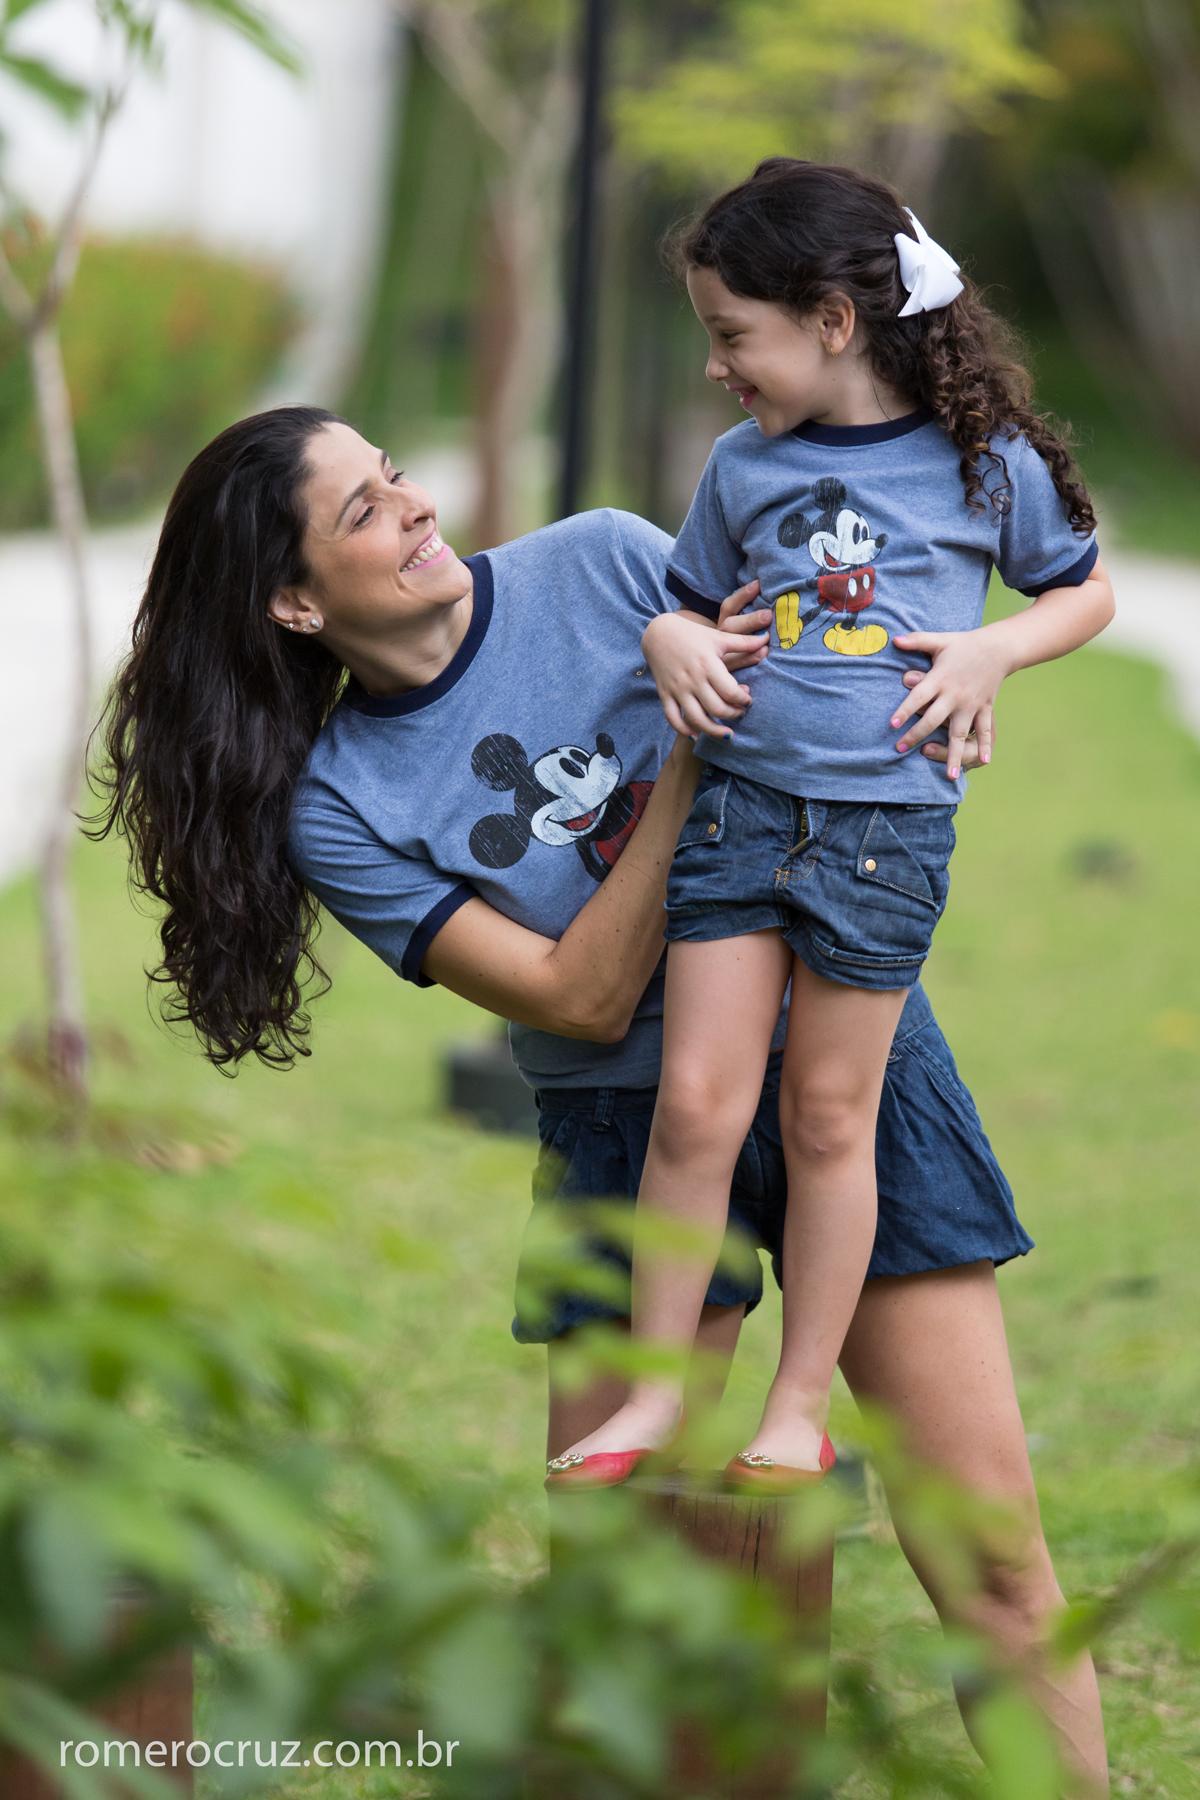 Ensaio de mãe e filha feito pelo fotógrafo Romero Cruz